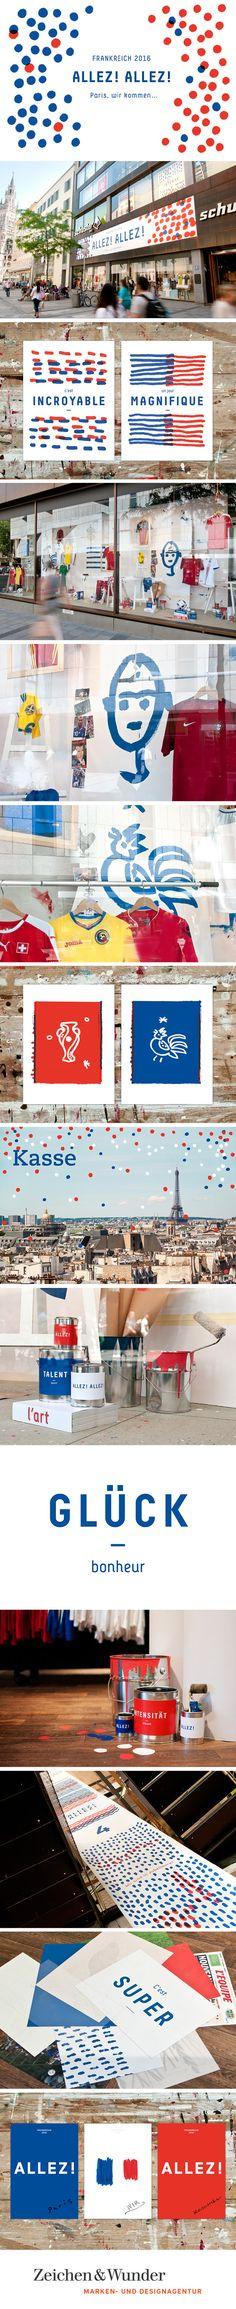 SPORTHAUS SCHUSTER / Aktion zur Europameisterschaft 2016 / #europe # football #france / by Zeichen & Wunder, München